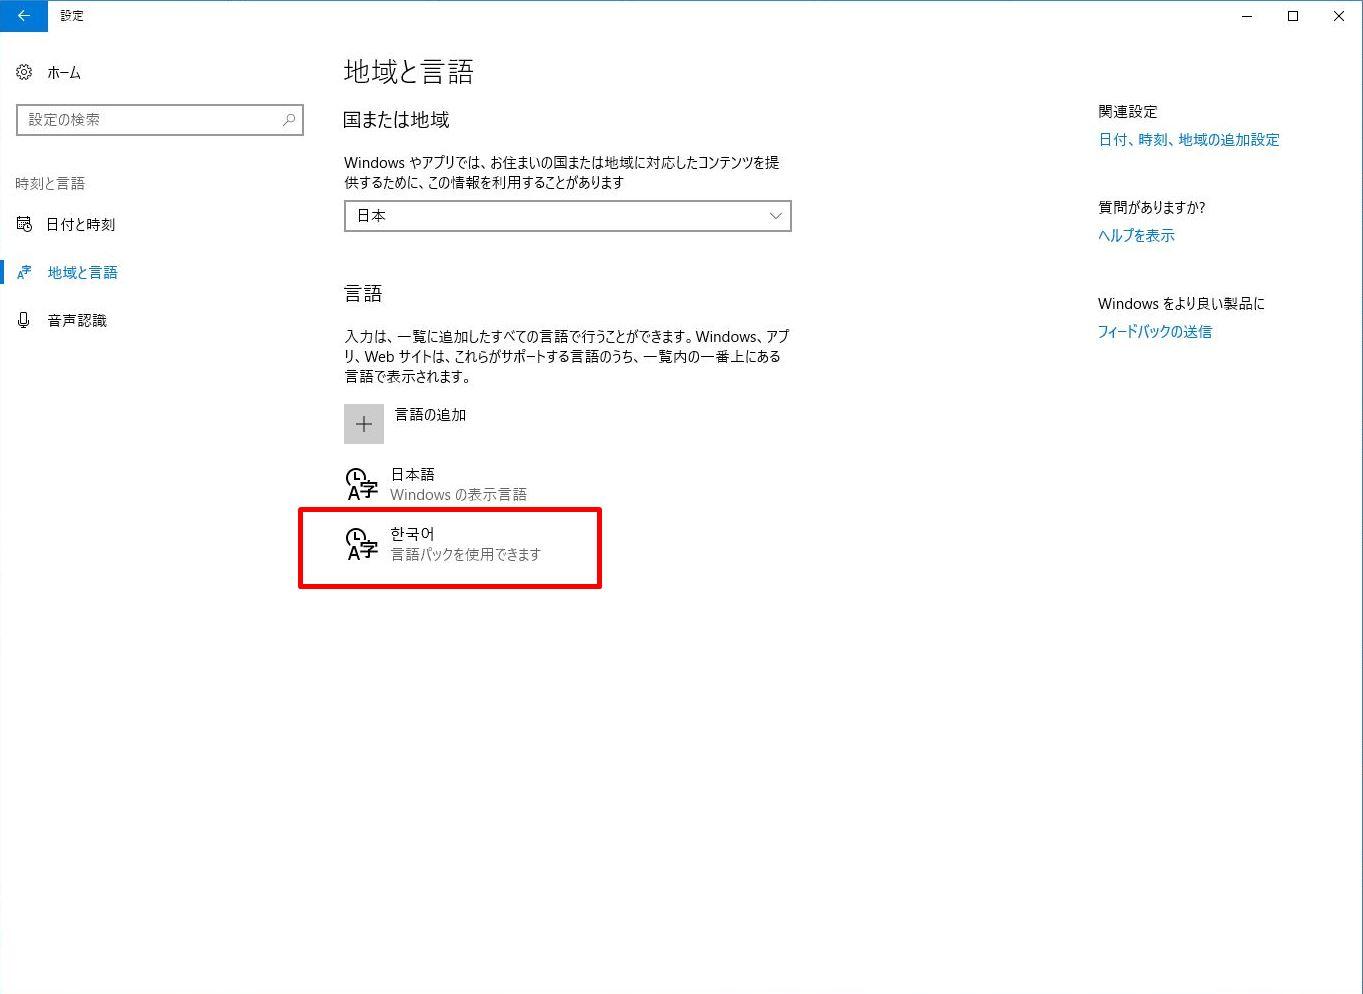 韓国語設定5